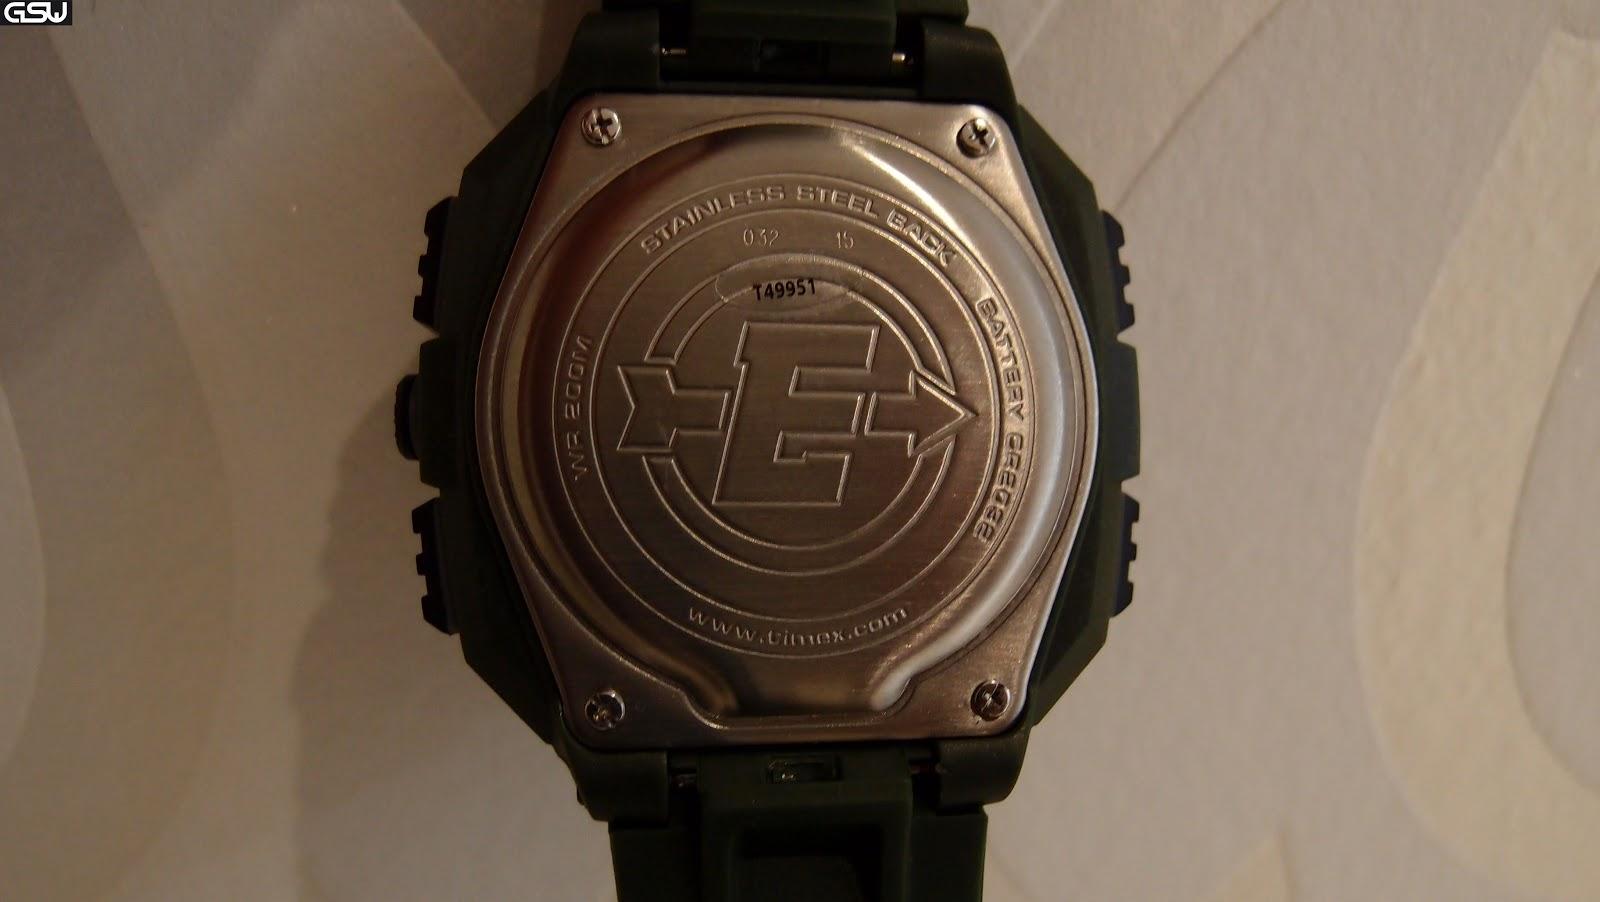 722cf8e2d477 La trasera es muy amplia y utiliza la clásica tapa trasera de metal y  tornillos iguales a los G-Shocks